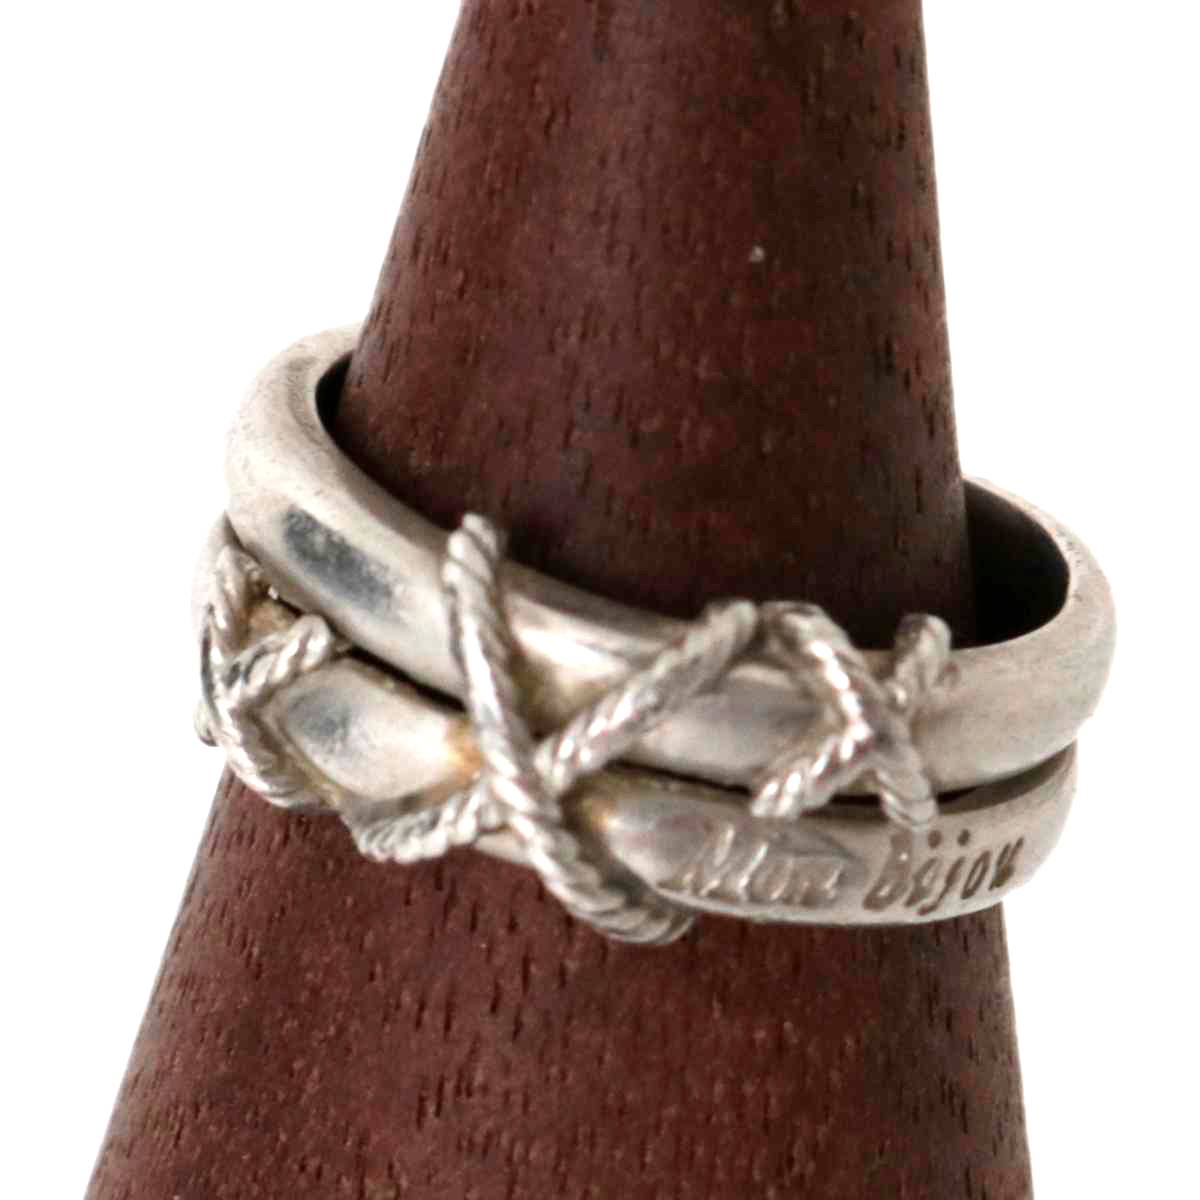 【中古】 Mon Bijou / モンビジュ XXX デザインリング 指輪 Pt900/プラチナ900 7.5号 リング幅約4.46-7.52(mm) 重量約7g NT Bランク